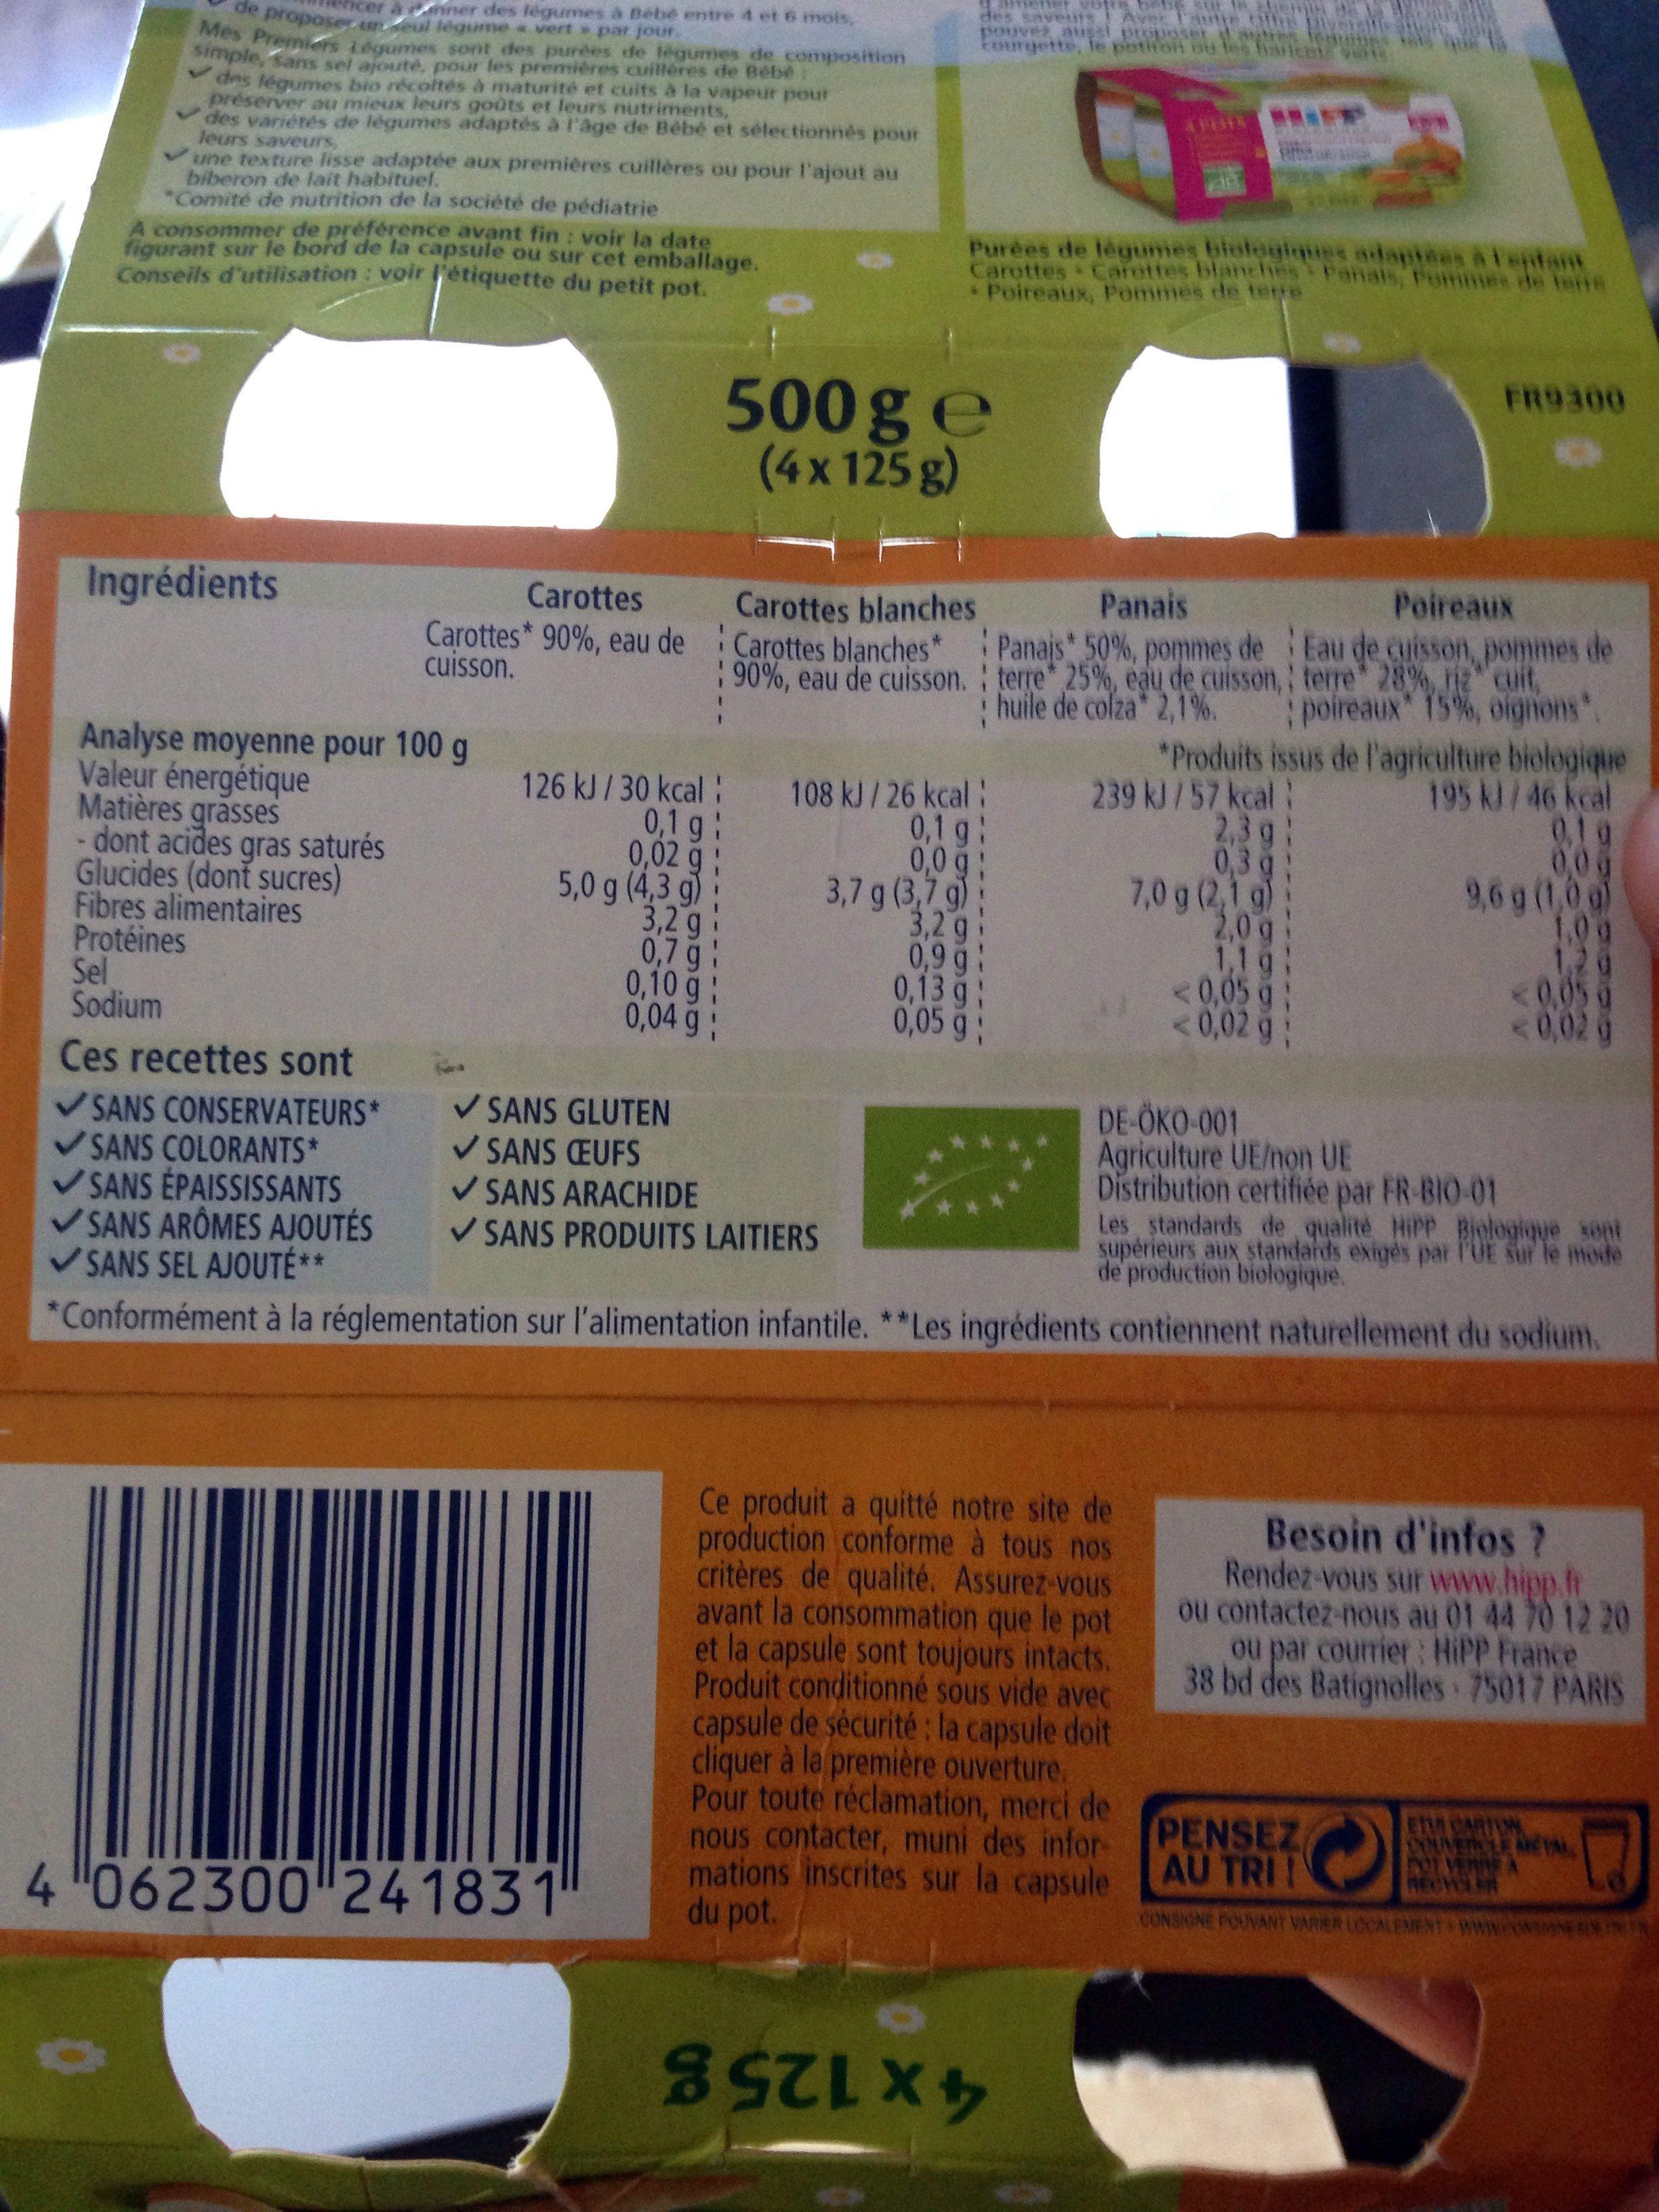 Offre diversification Légumes (Carottes blanches, Carottes, Panais, Poireaux) - Product